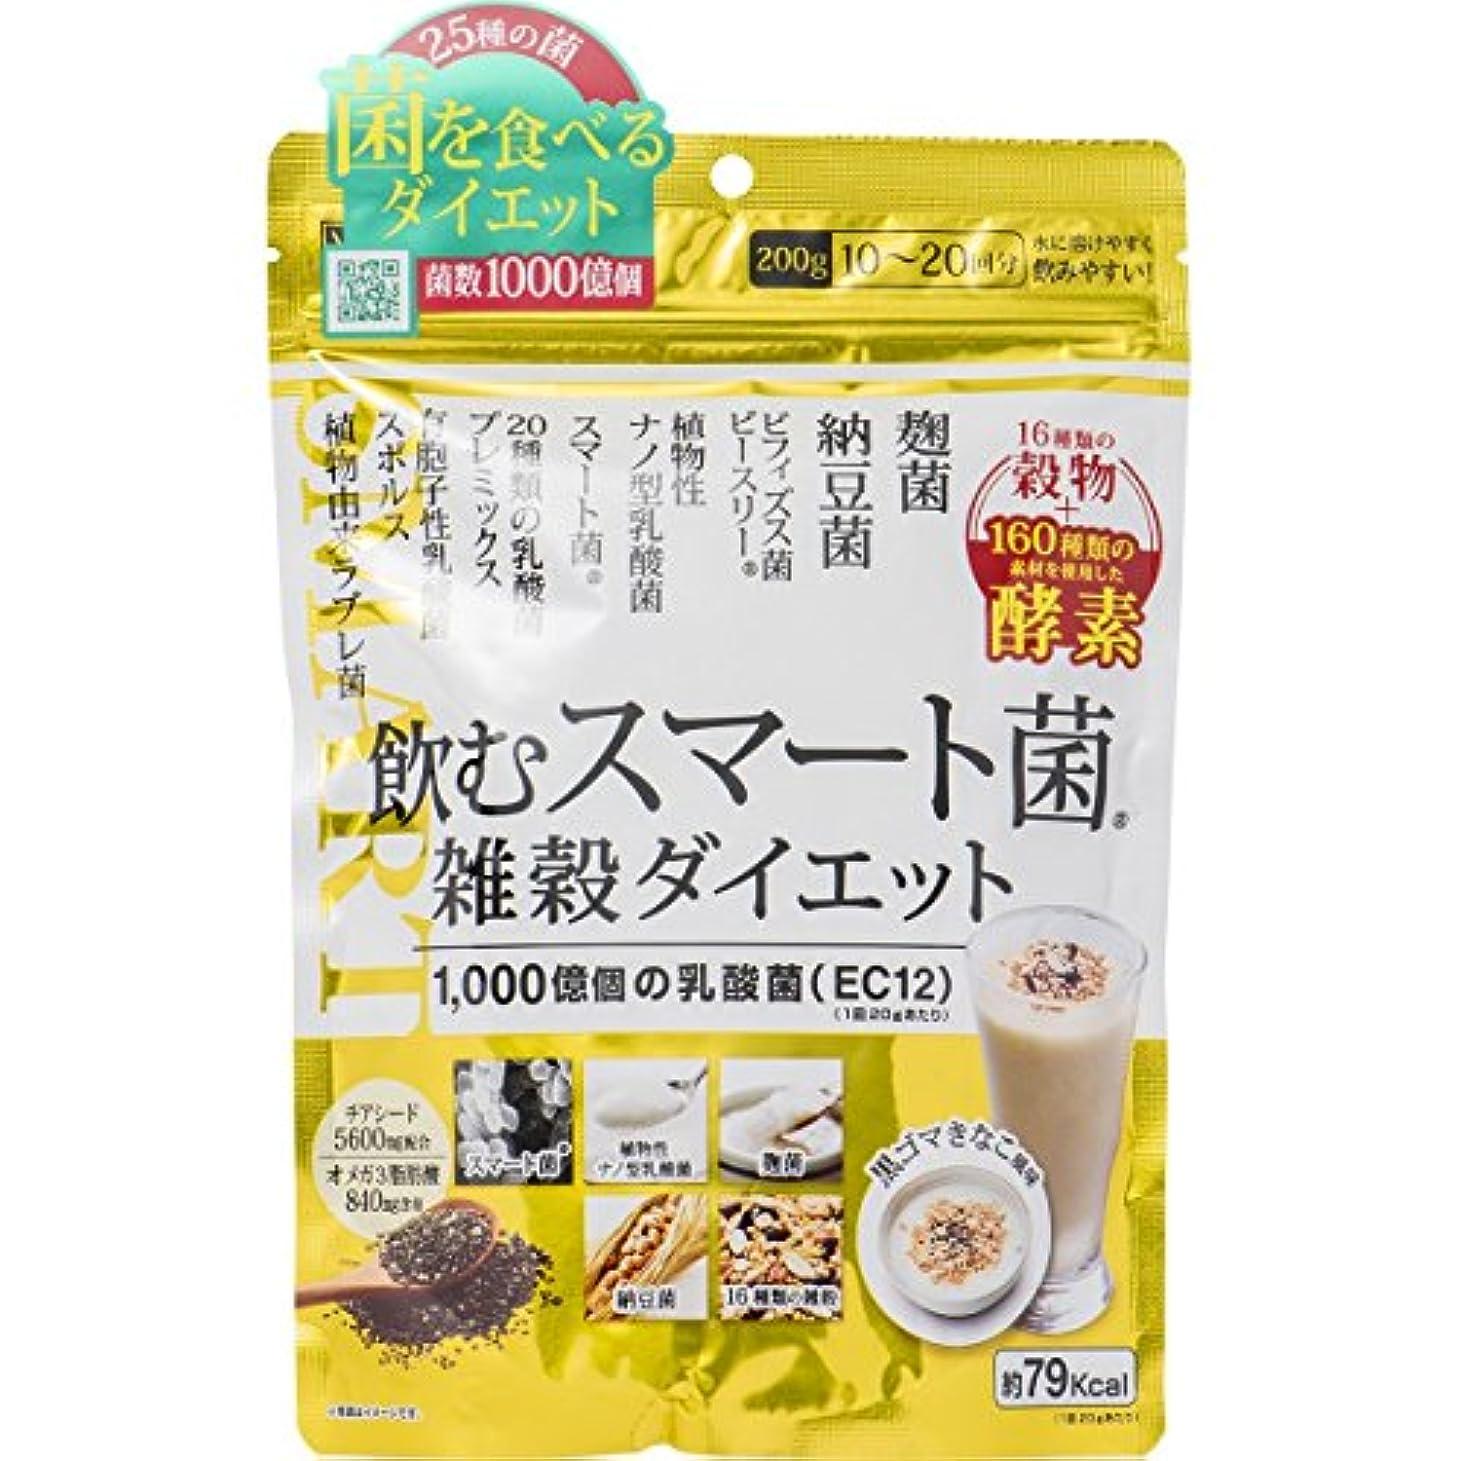 同等のブランチ医師【お徳用3個セット】飲むスマート菌 雑穀ダイエット 200g ×3個セット